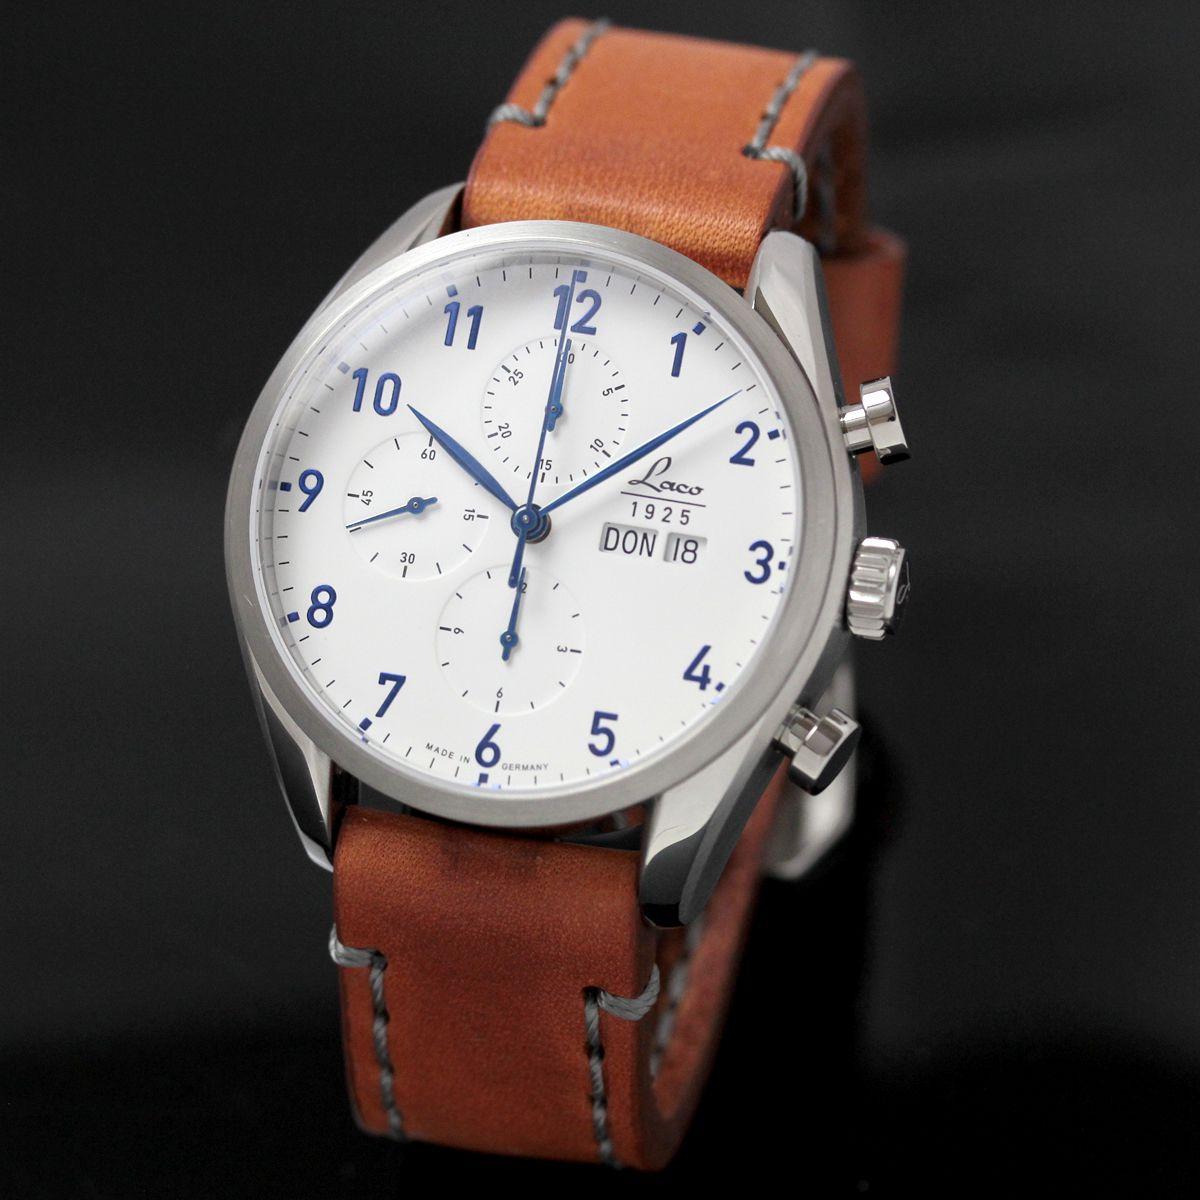 ラコ(Laco) シカゴ(chicago) 861584 腕時計